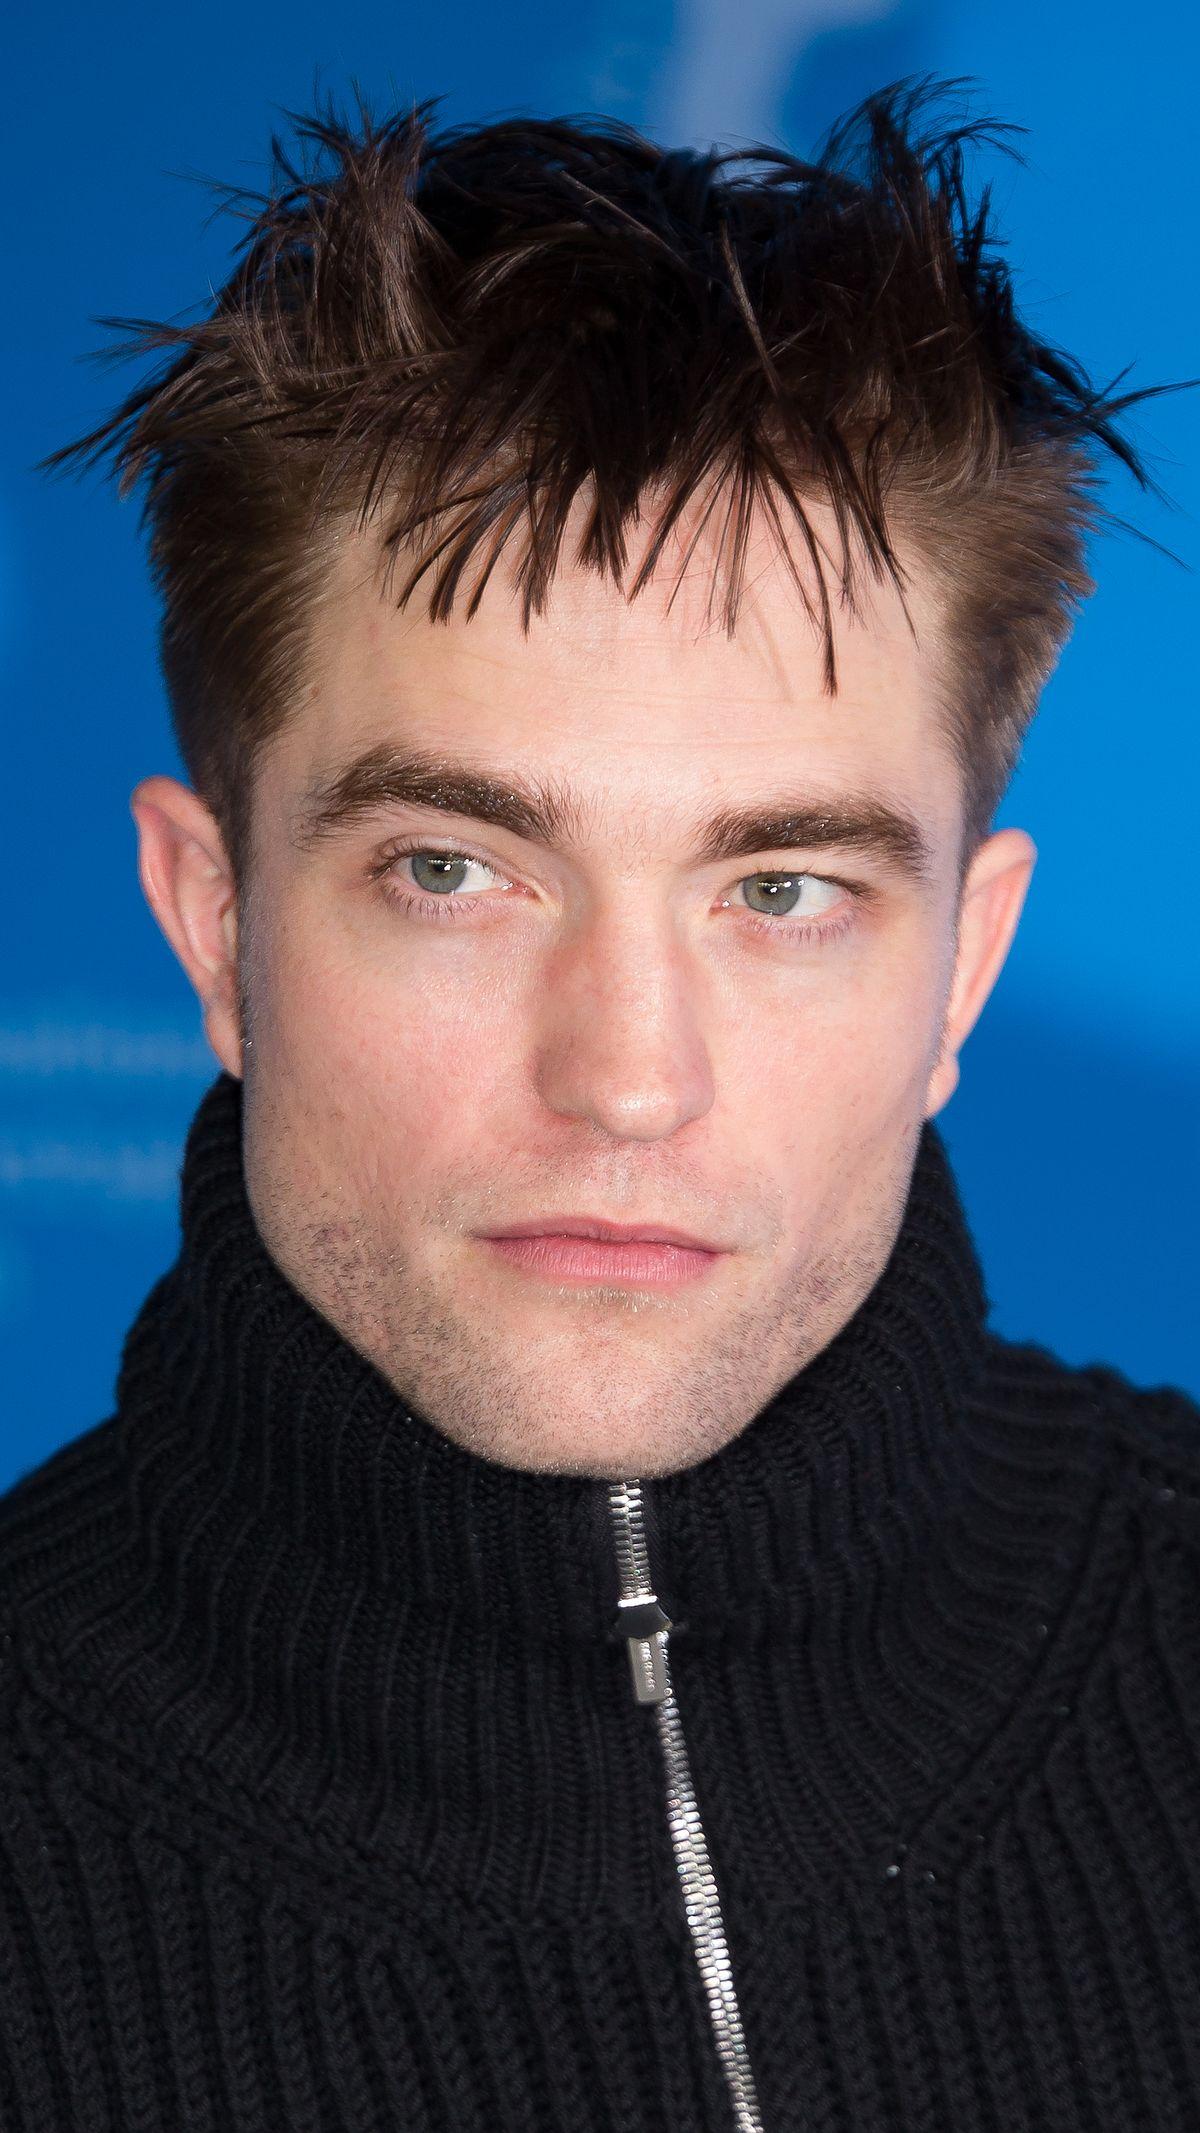 Robert Pattinson - Wikipedia Robert Pattinson